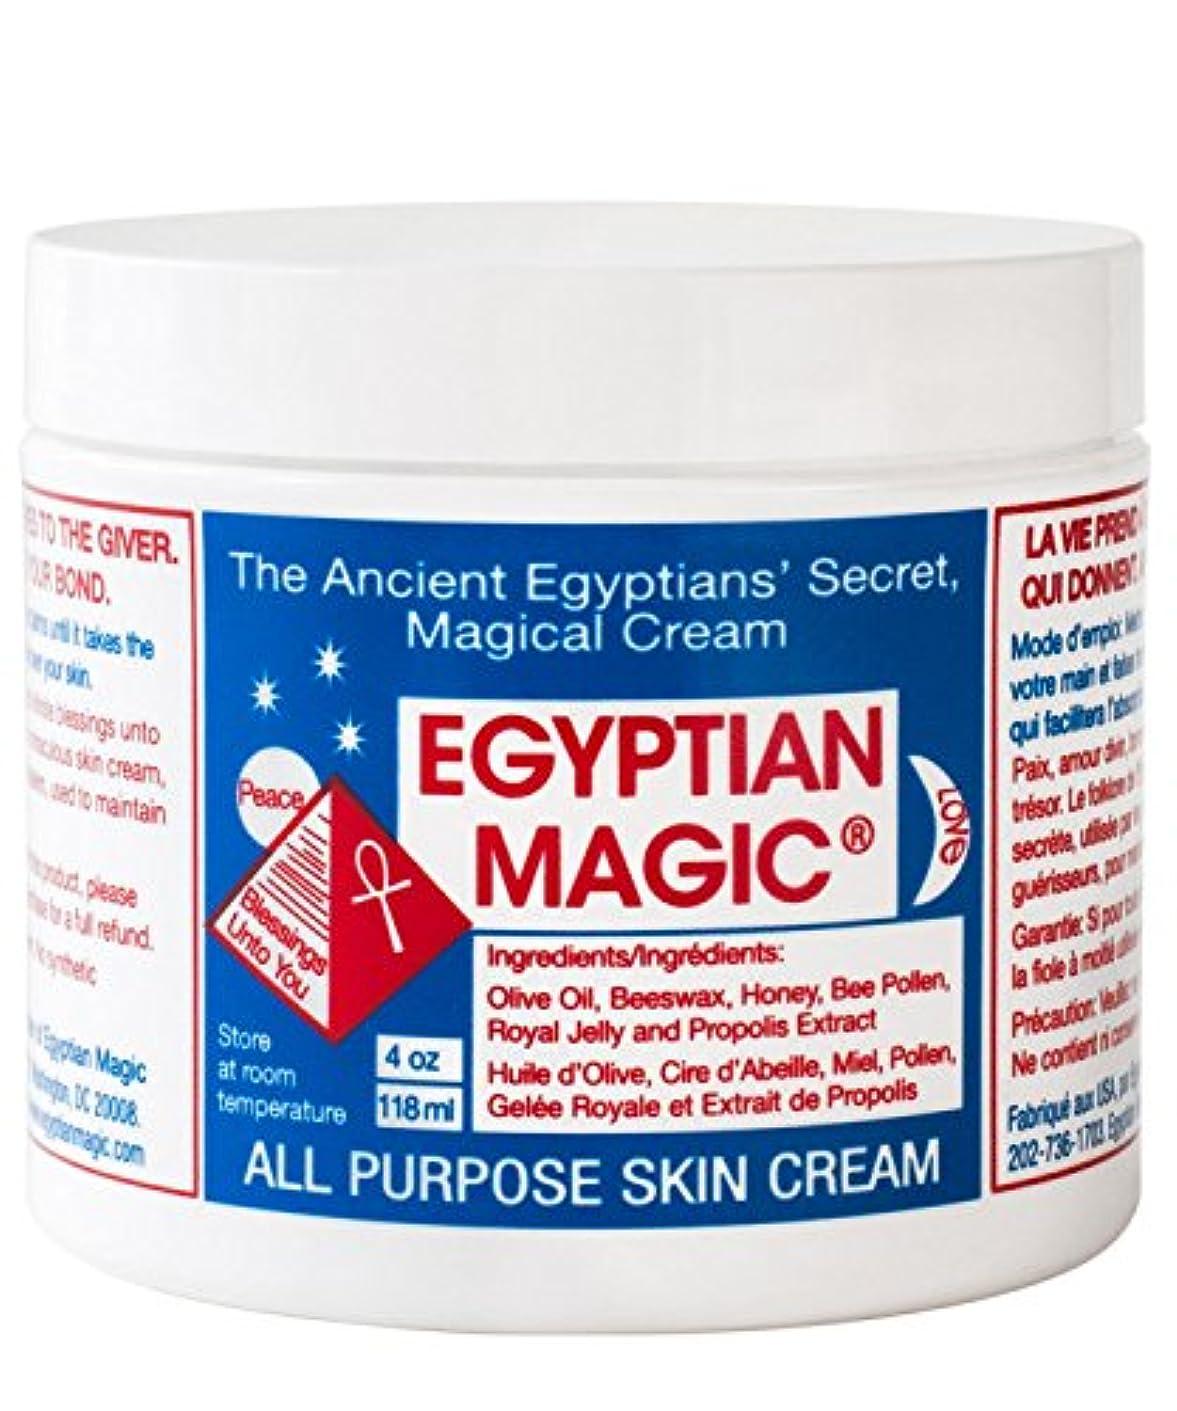 怪しい広げる自動化エジプトの魔法の万能スキンクリーム118ミリリットル x4 - Egyptian Magic All Purpose Skin Cream 118ml (Pack of 4) [並行輸入品]